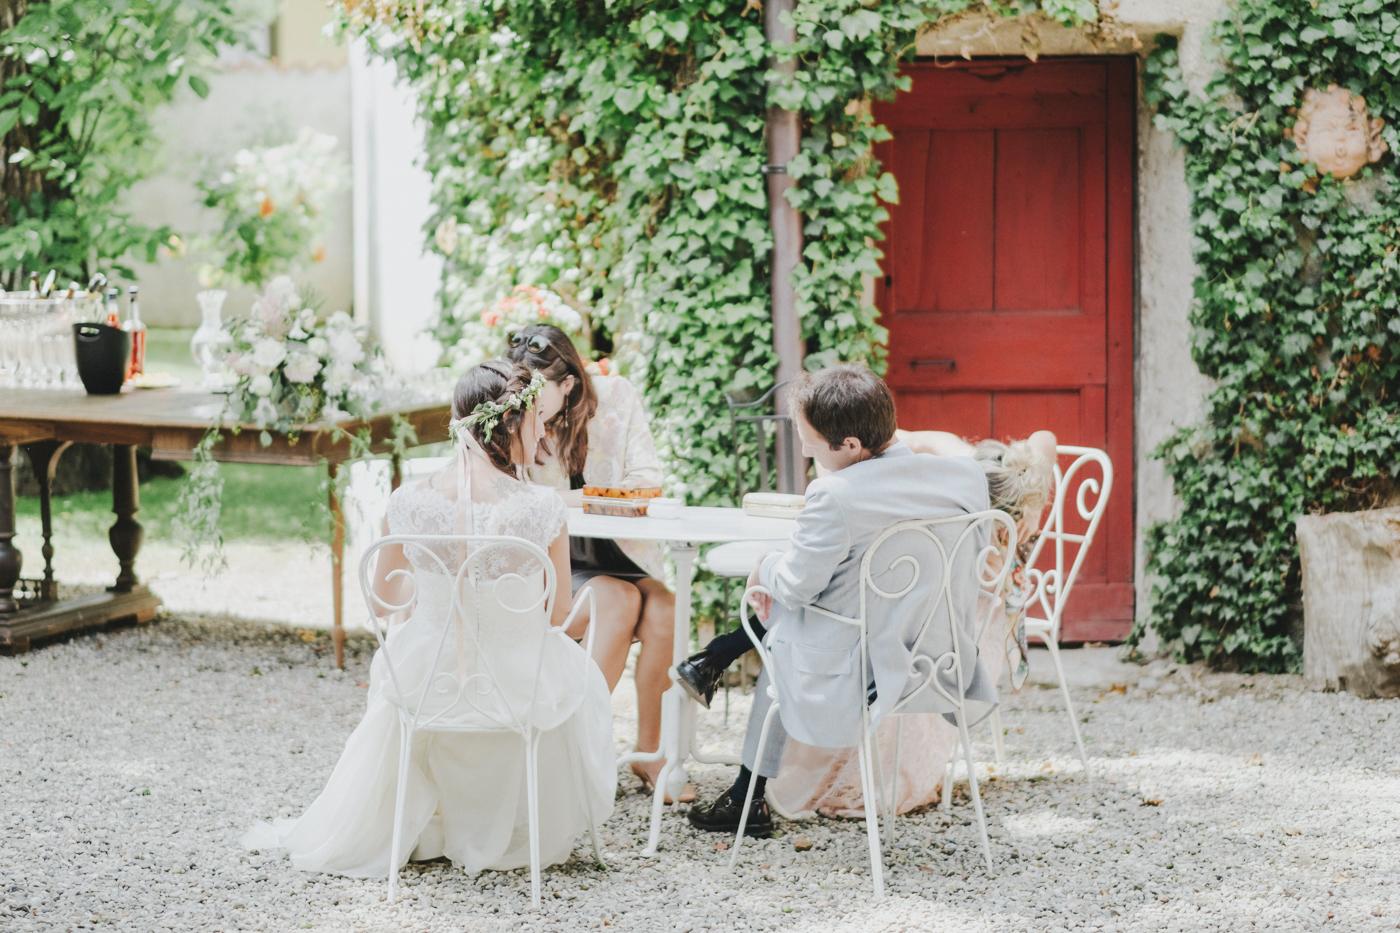 fotografo matrimonio como-112.jpg